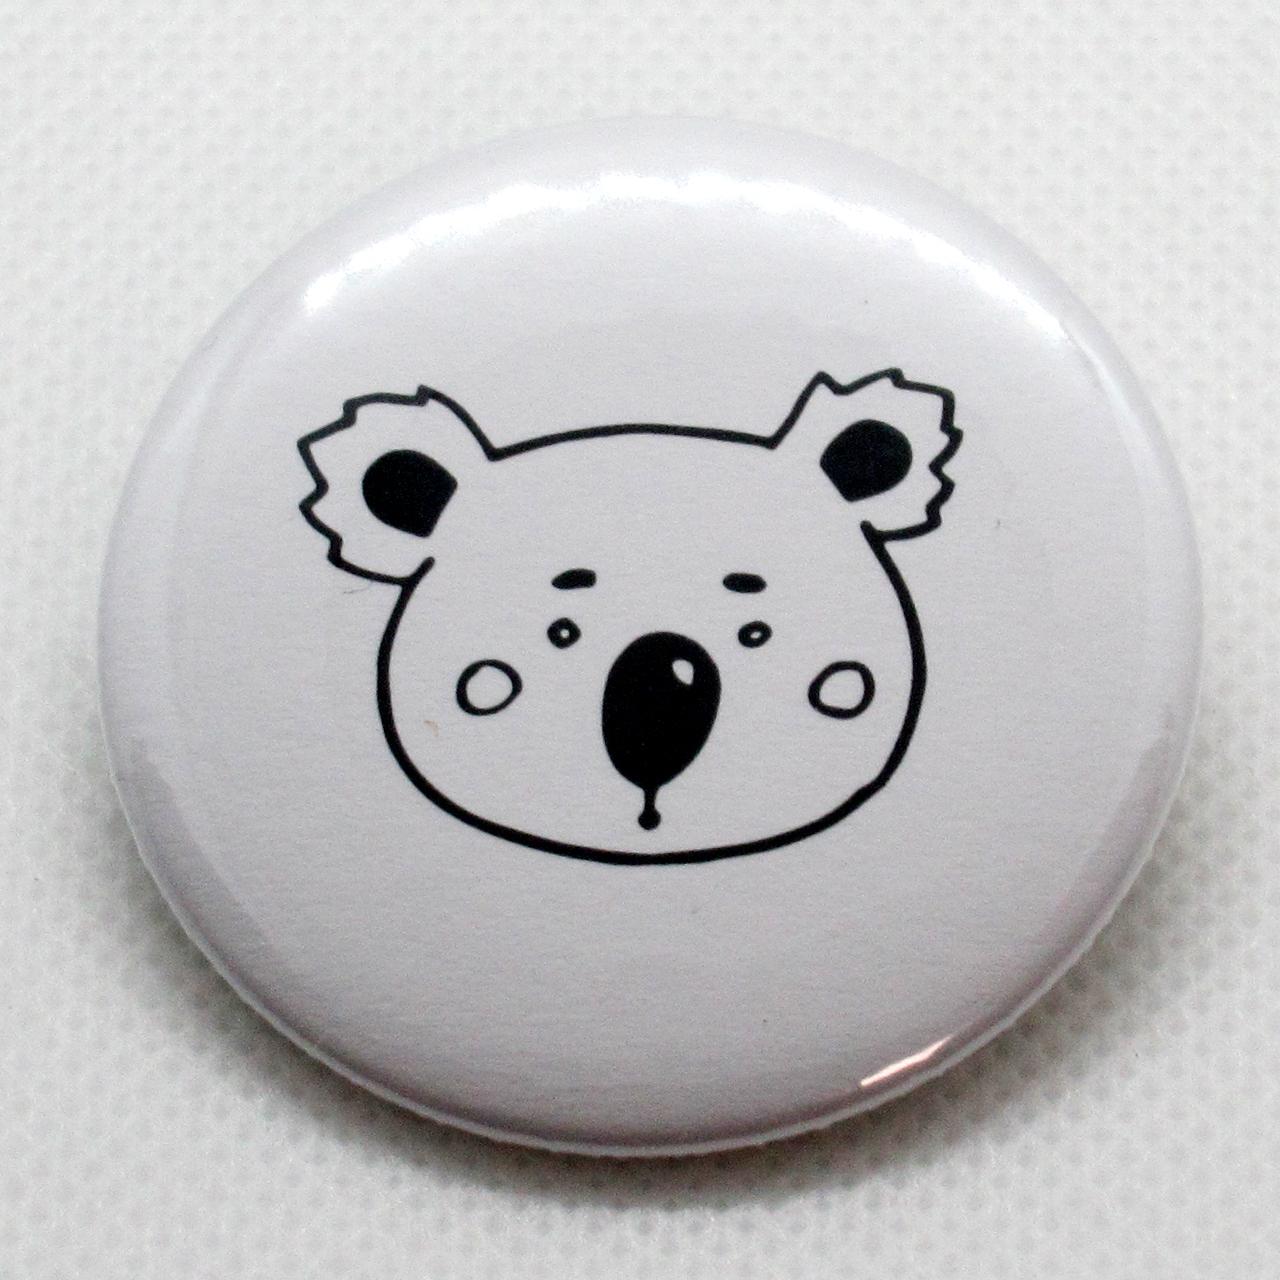 缶バッジ*Animalシリーズ-No.119